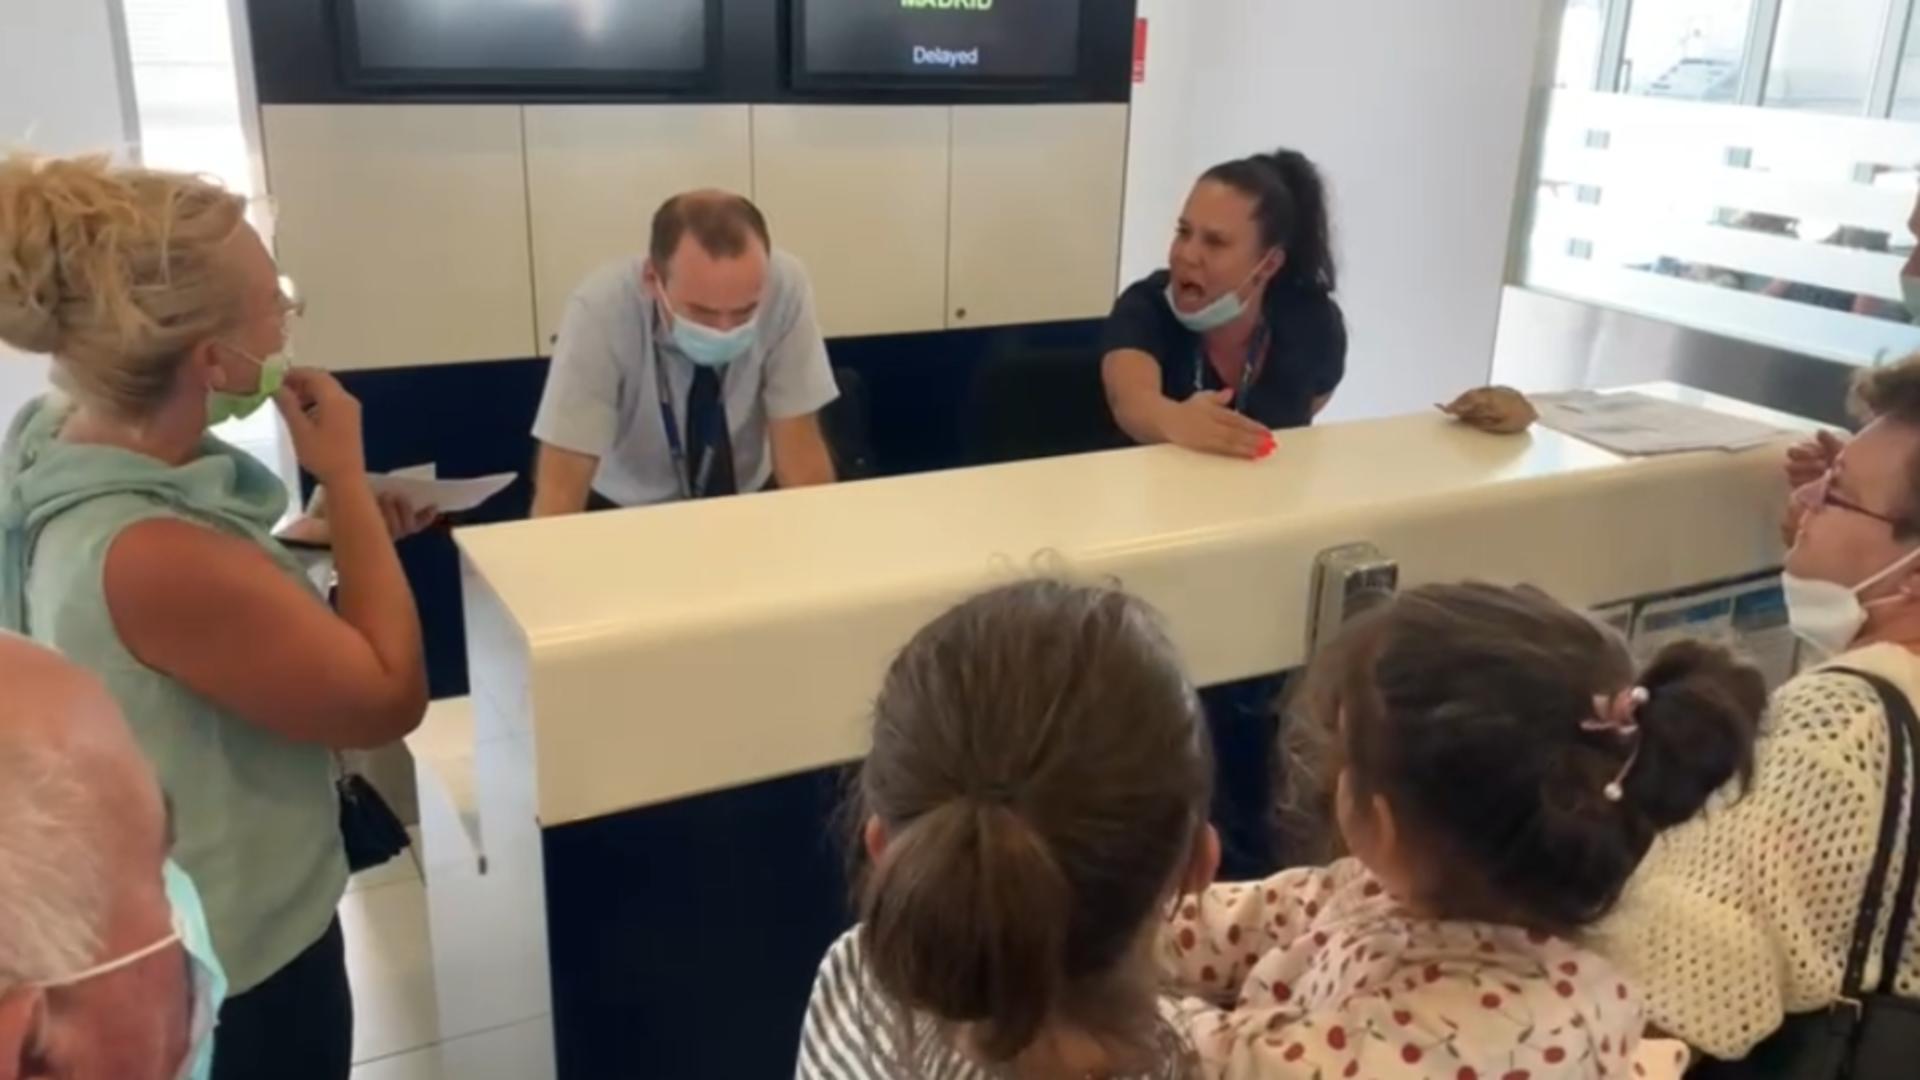 Discutii aprinse între pasageri și dispecerii aeroportului (captura video Europa FM)